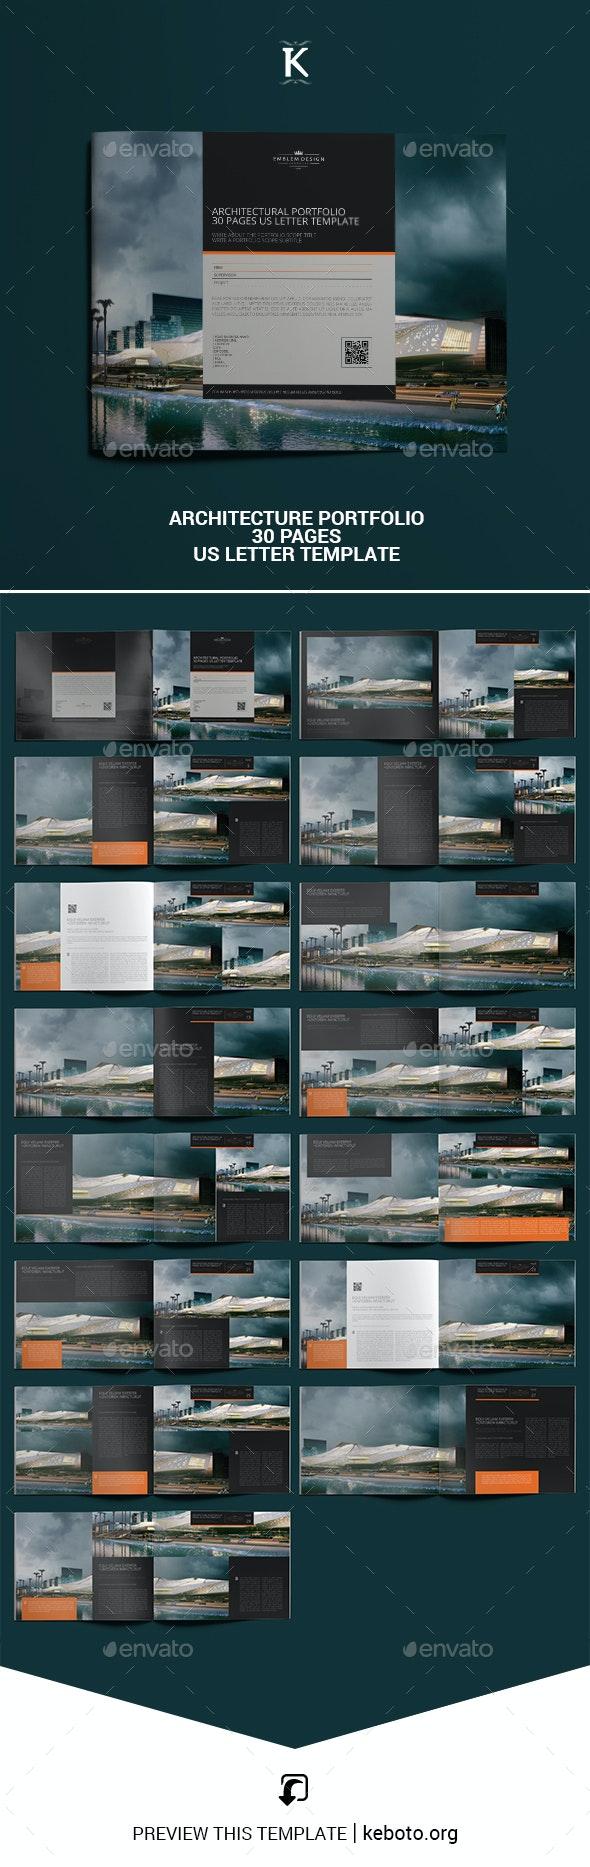 Architecture Portfolio 30 Pages US Letter Template - Portfolio Brochures